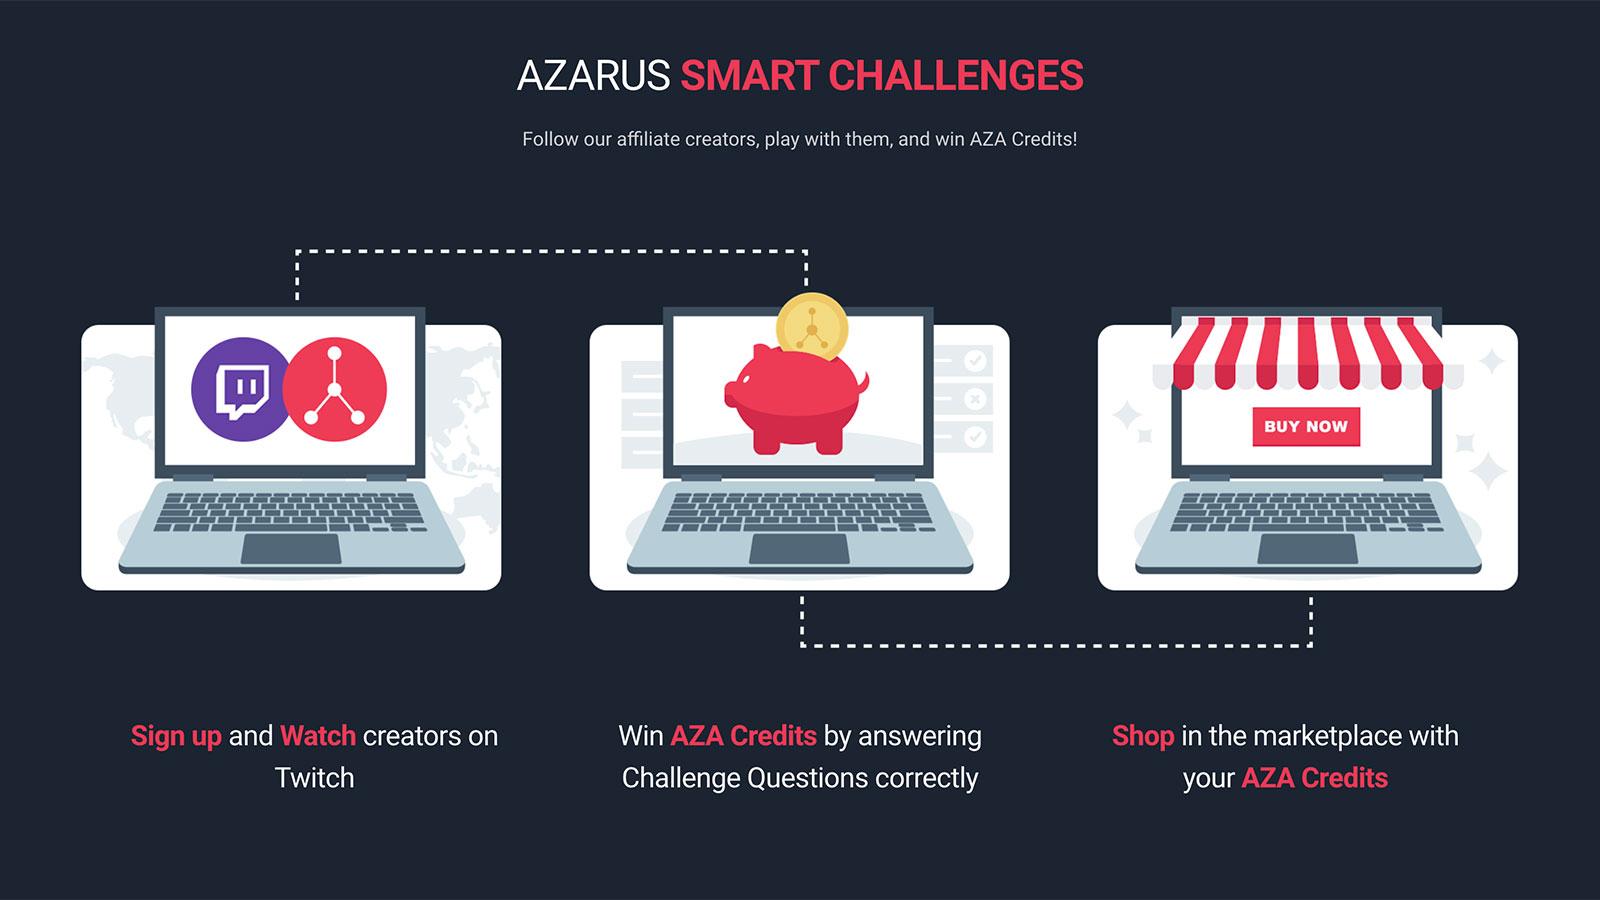 ゲームユーザーのエンゲージメントを高め、ユーザー離れを防ぐAzarus